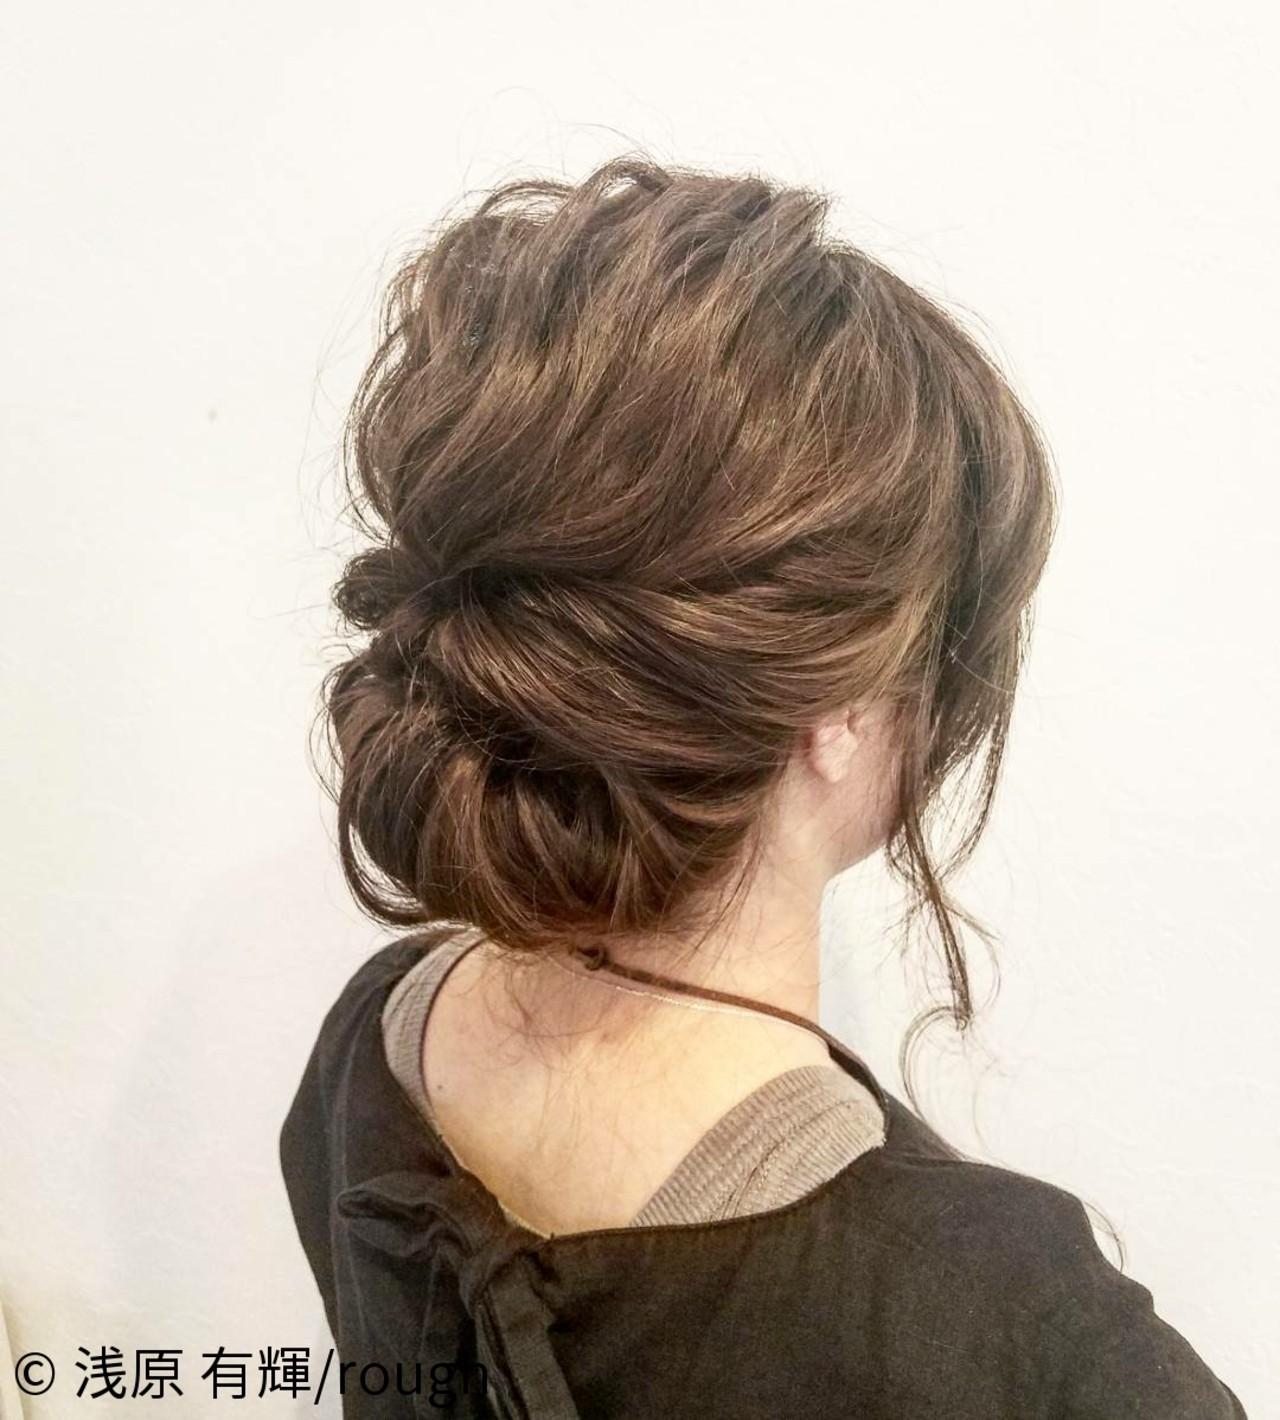 ナチュラル ロング 女子会 大人かわいい ヘアスタイルや髪型の写真・画像